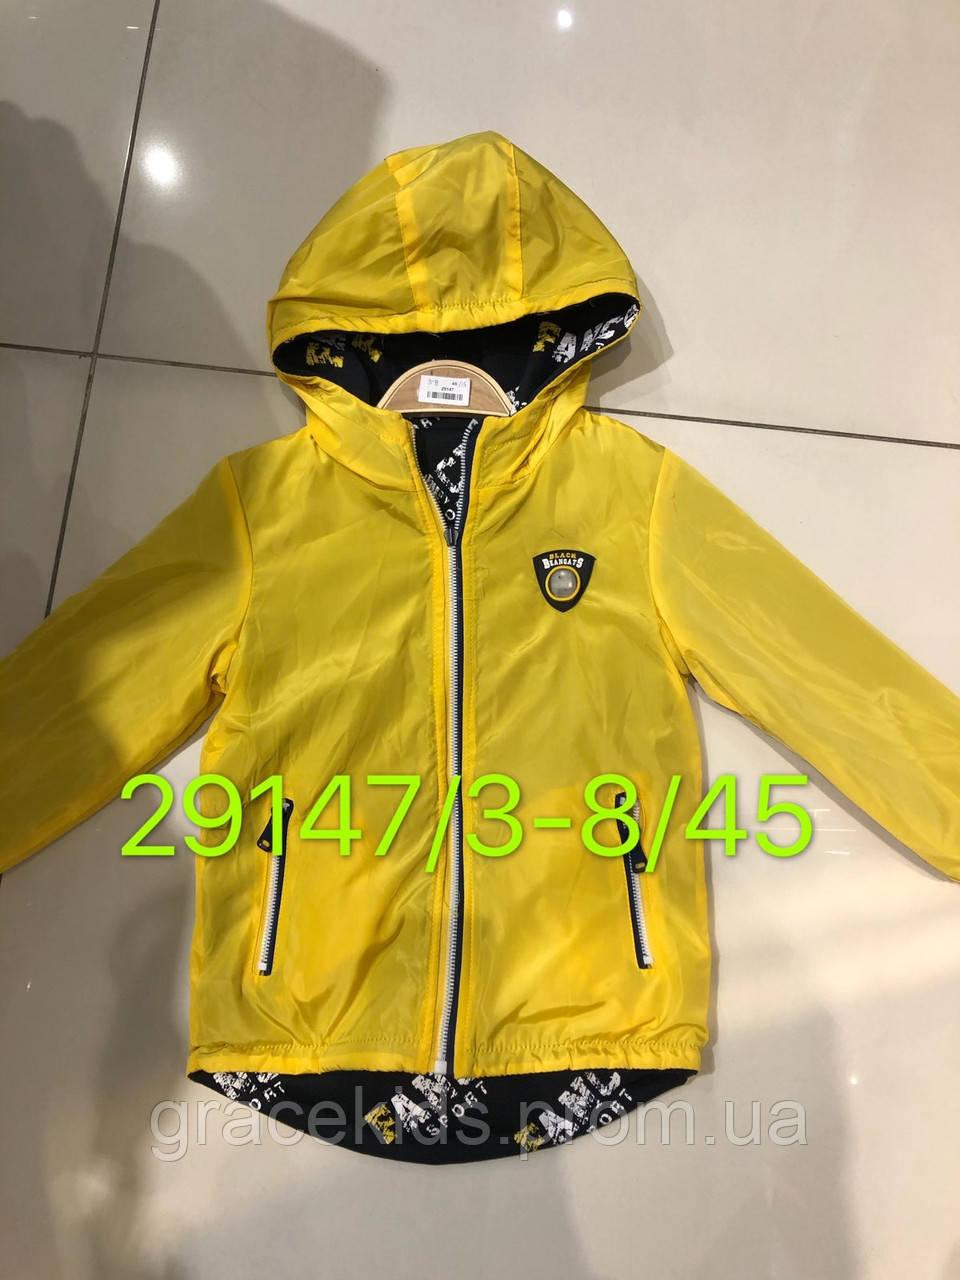 Детские двусторонние весенние куртки оптом SEAGULL,разм 3-8